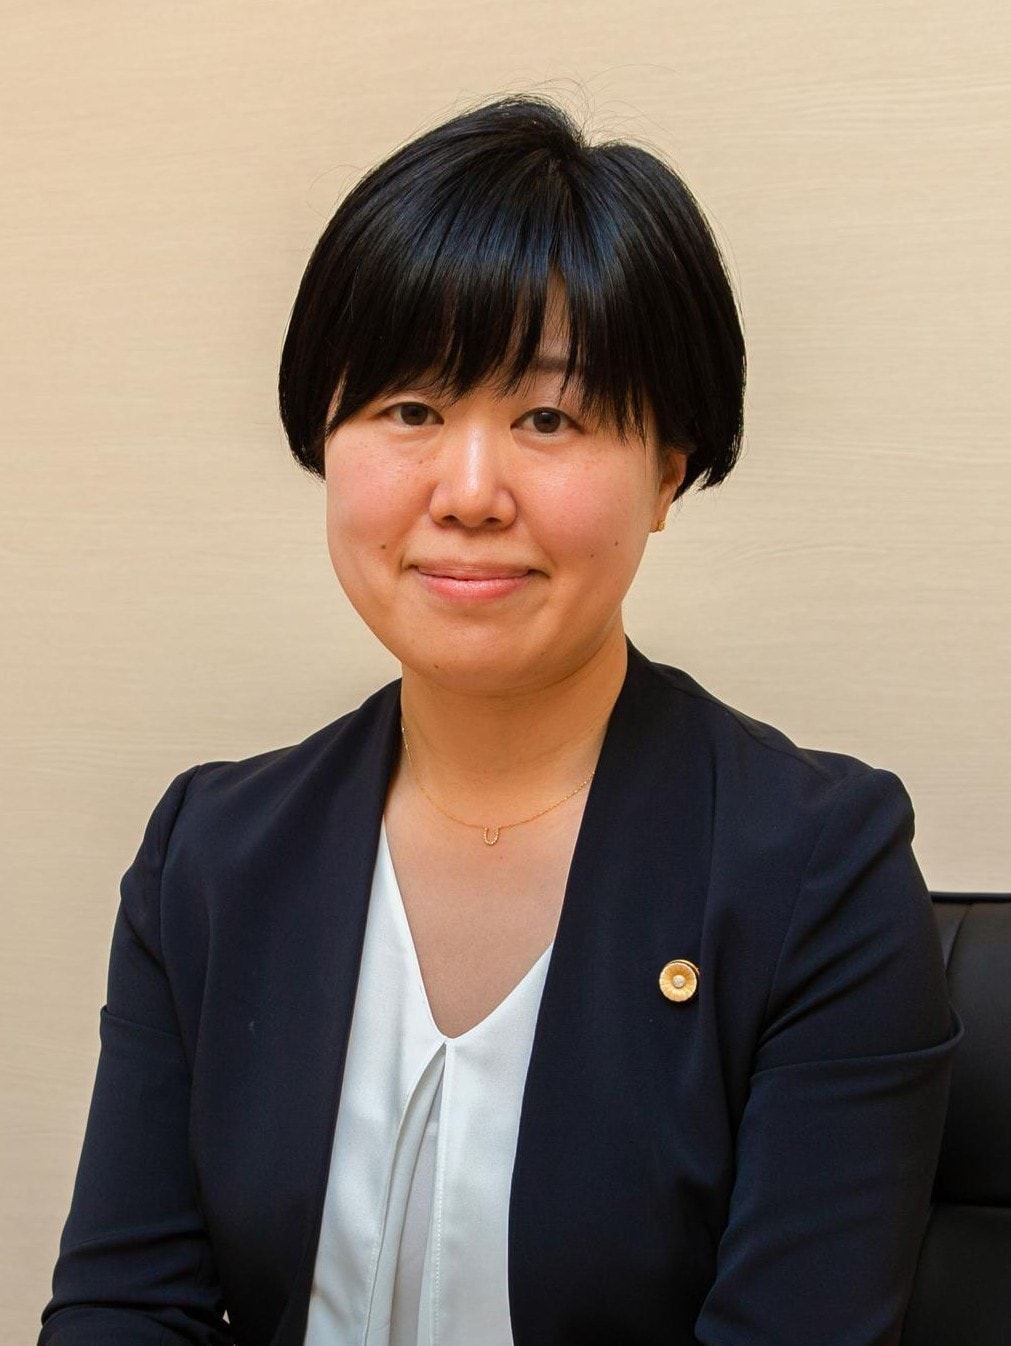 高橋 亜林弁護士